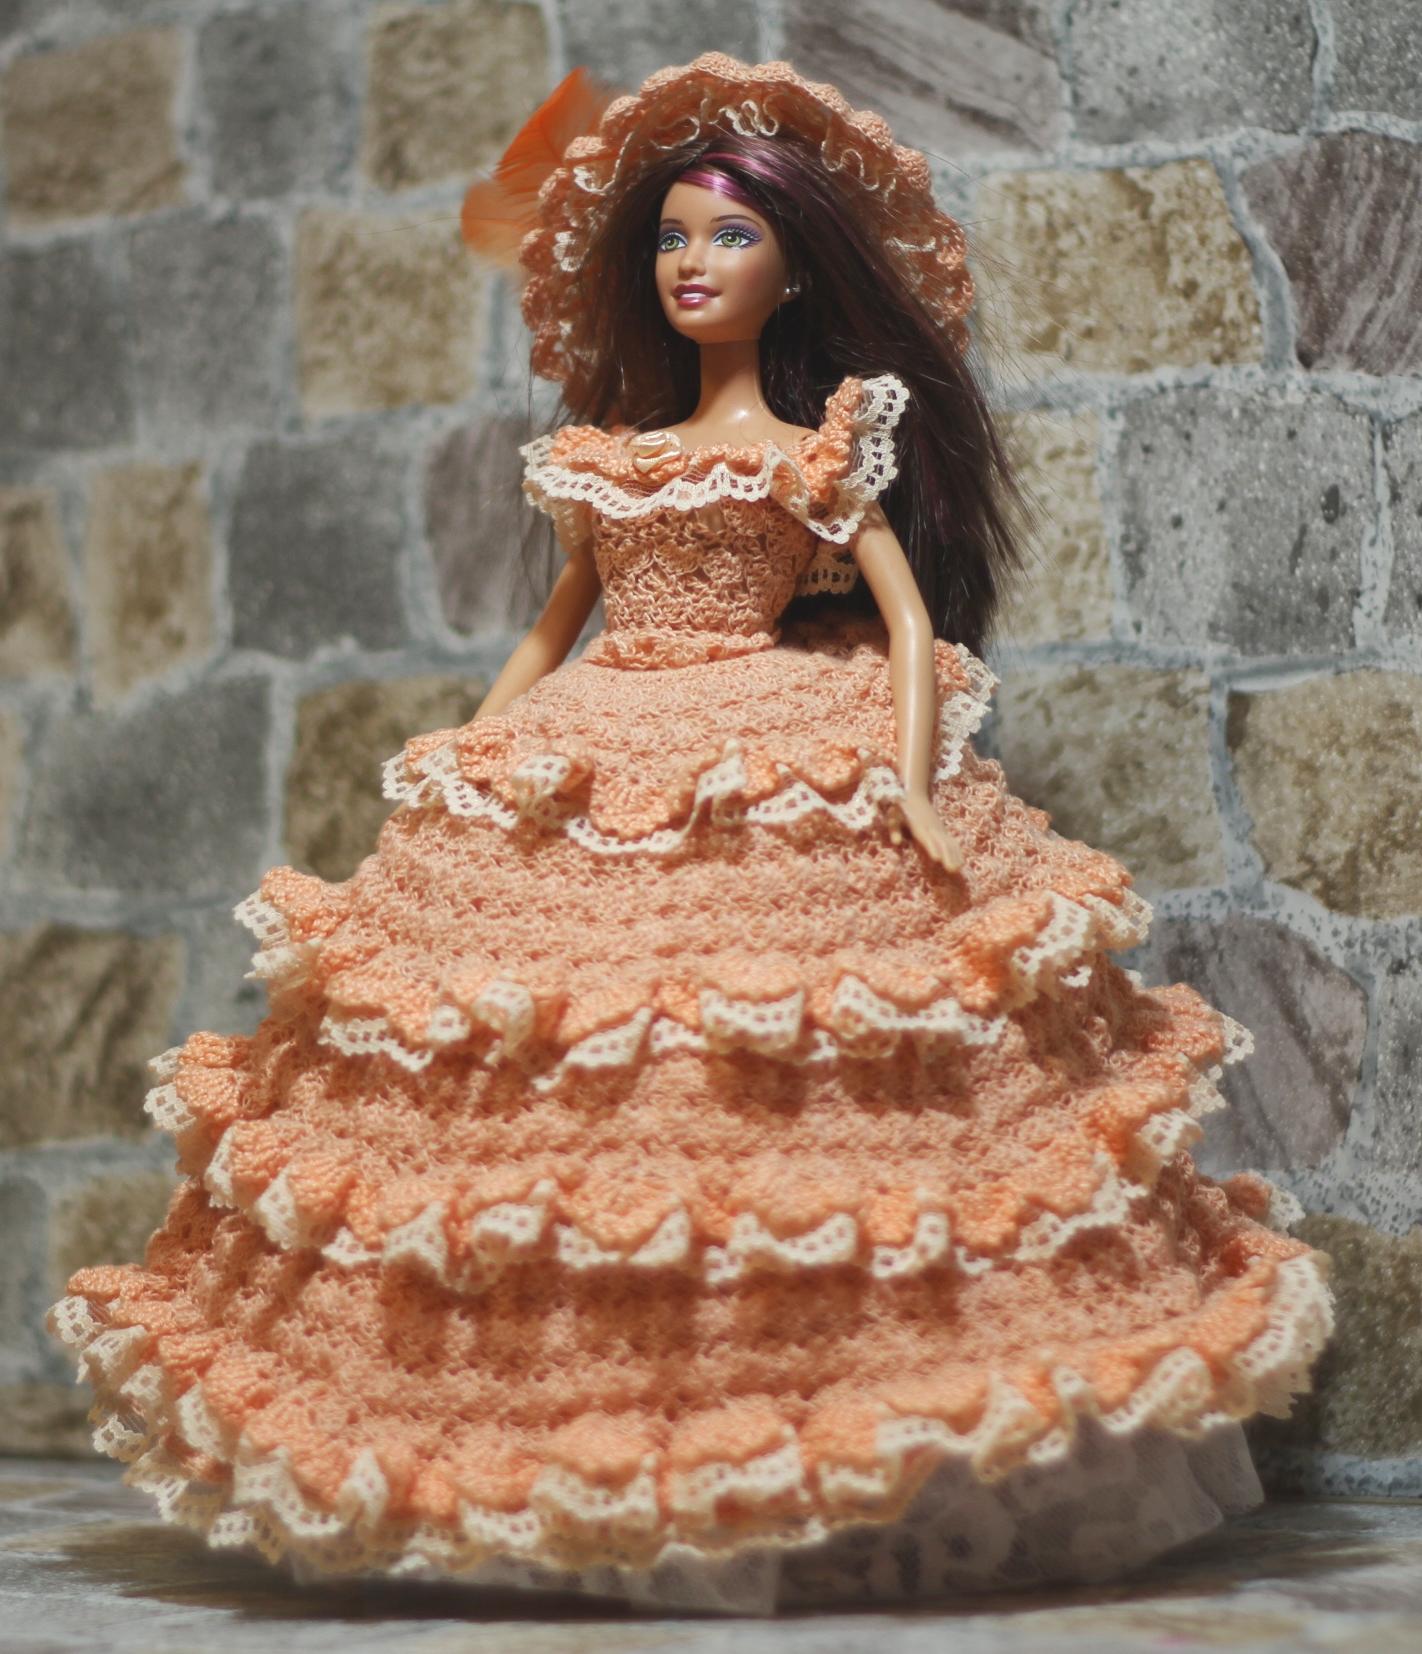 смотреть берсика куклы монстер хай 2015